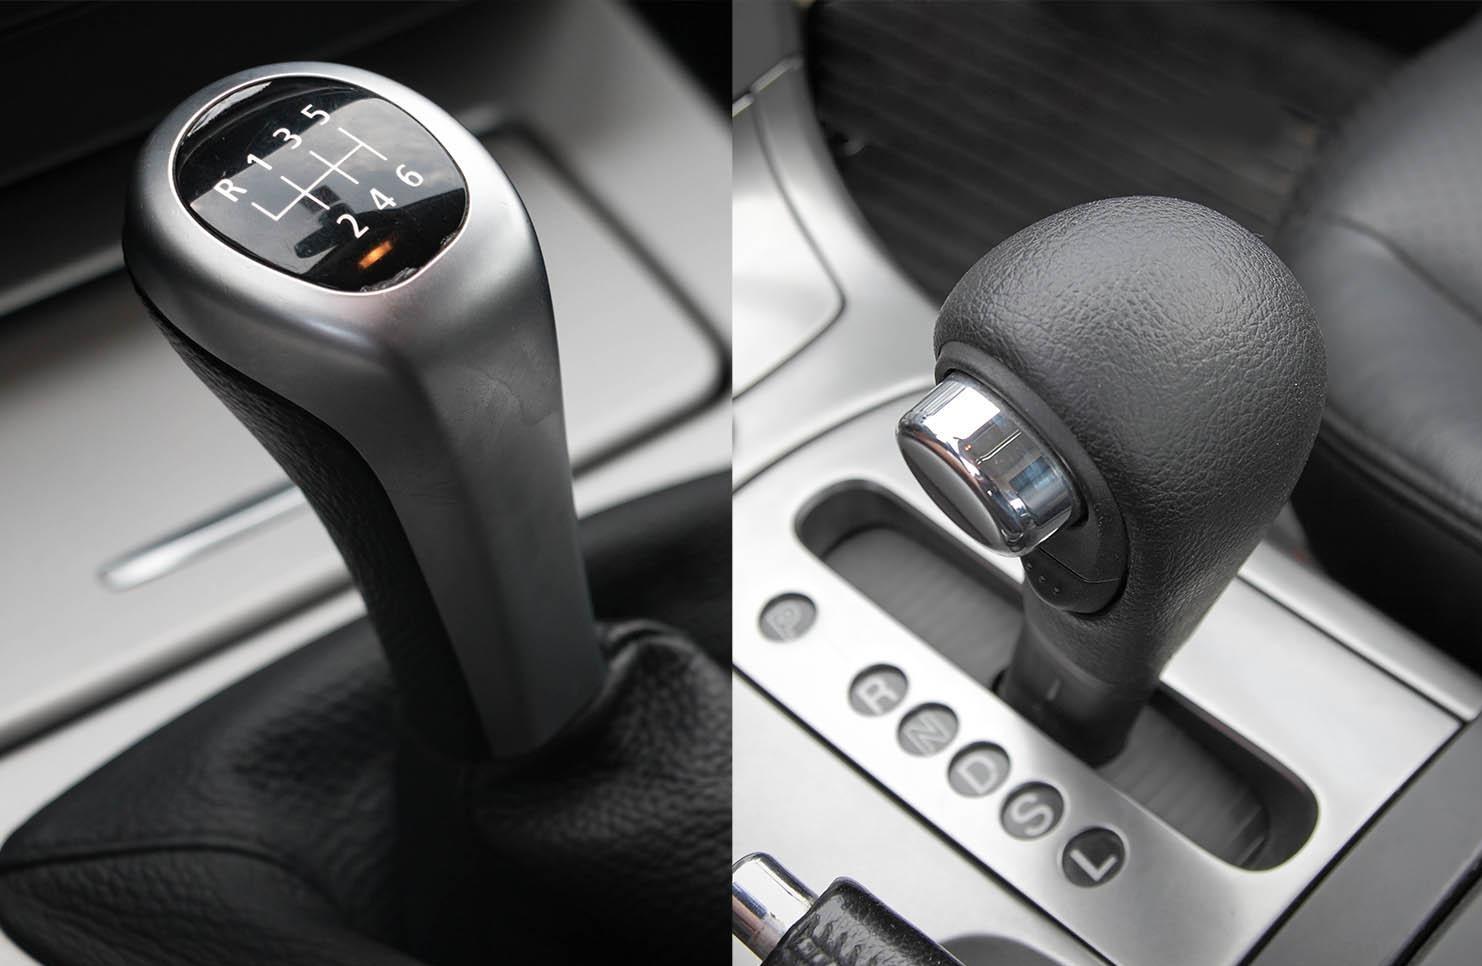 ¿Cuáles son las diferencias entre un auto automático y uno estándar?